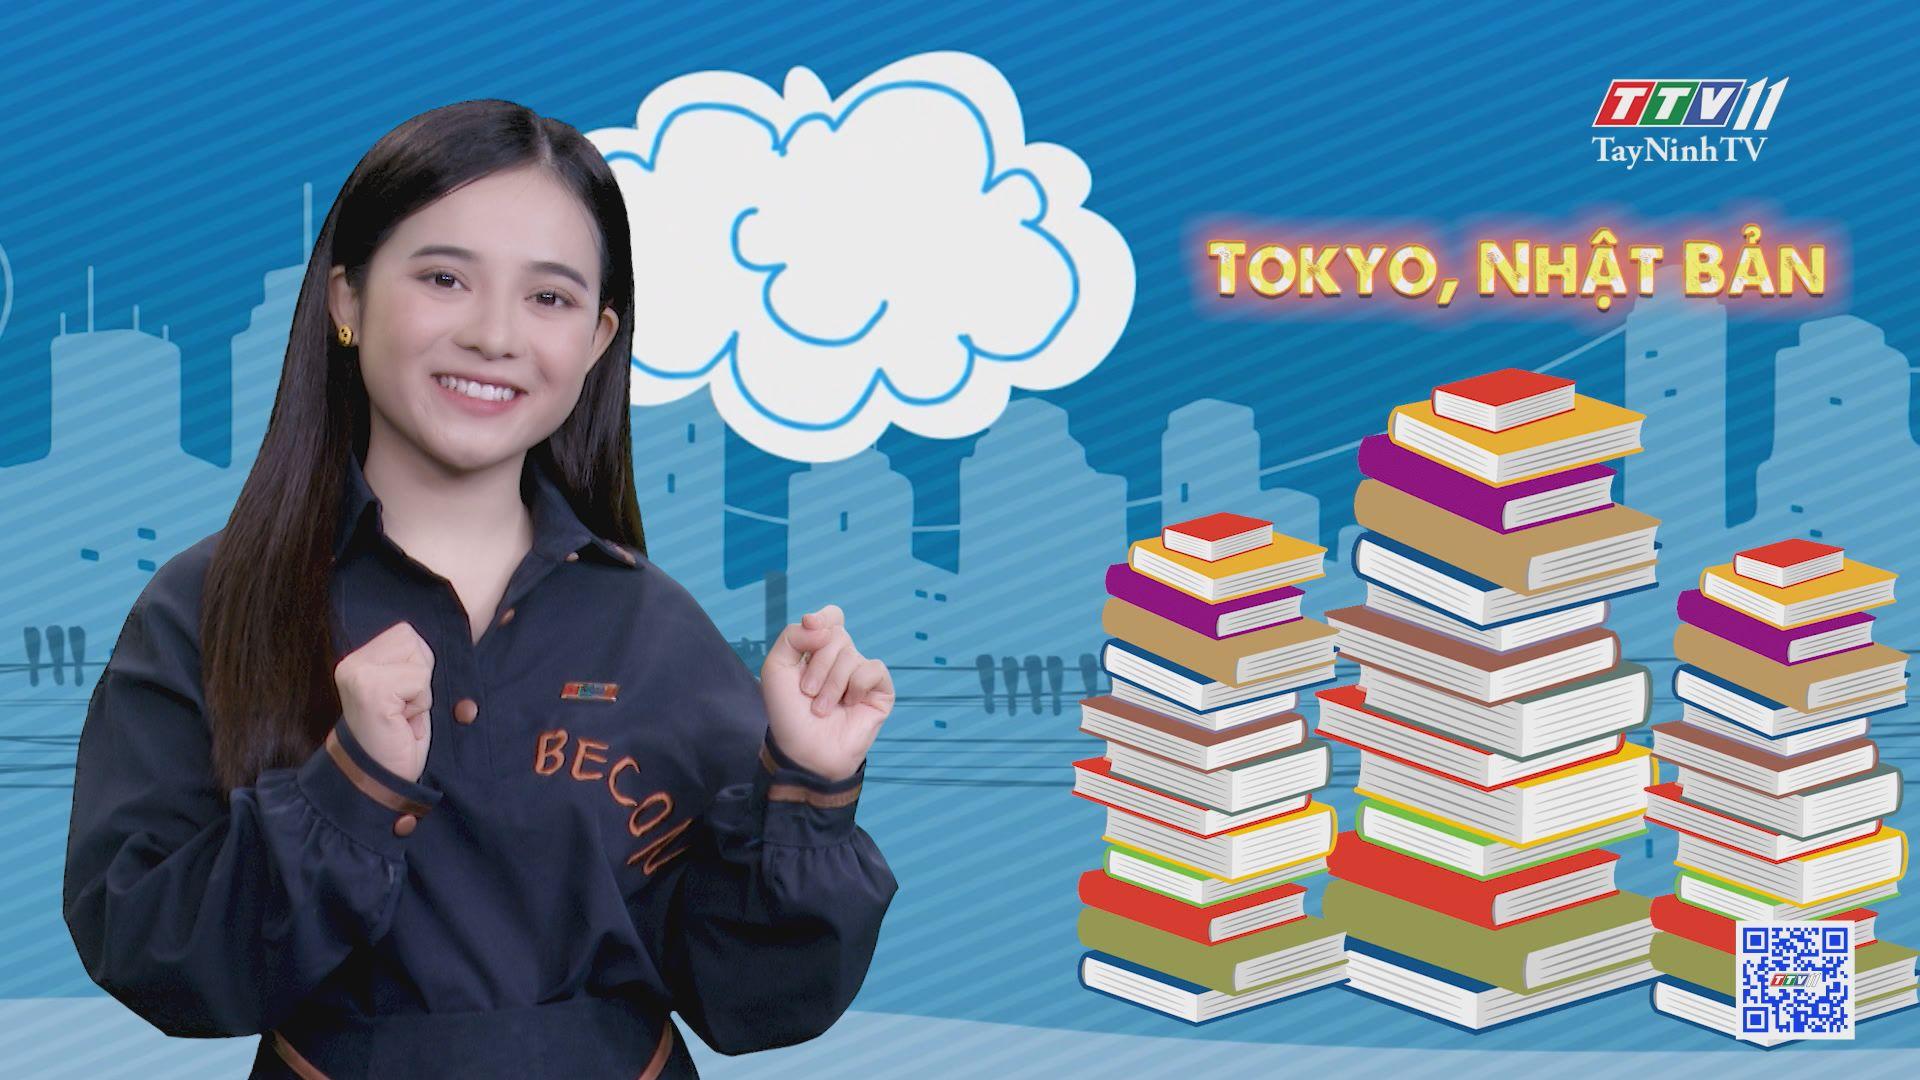 Thú vị khách sạn dành cho người yêu thích đọc sách | CHUYỆN ĐÔNG TÂY KỲ THÚ | TayNinhTVE